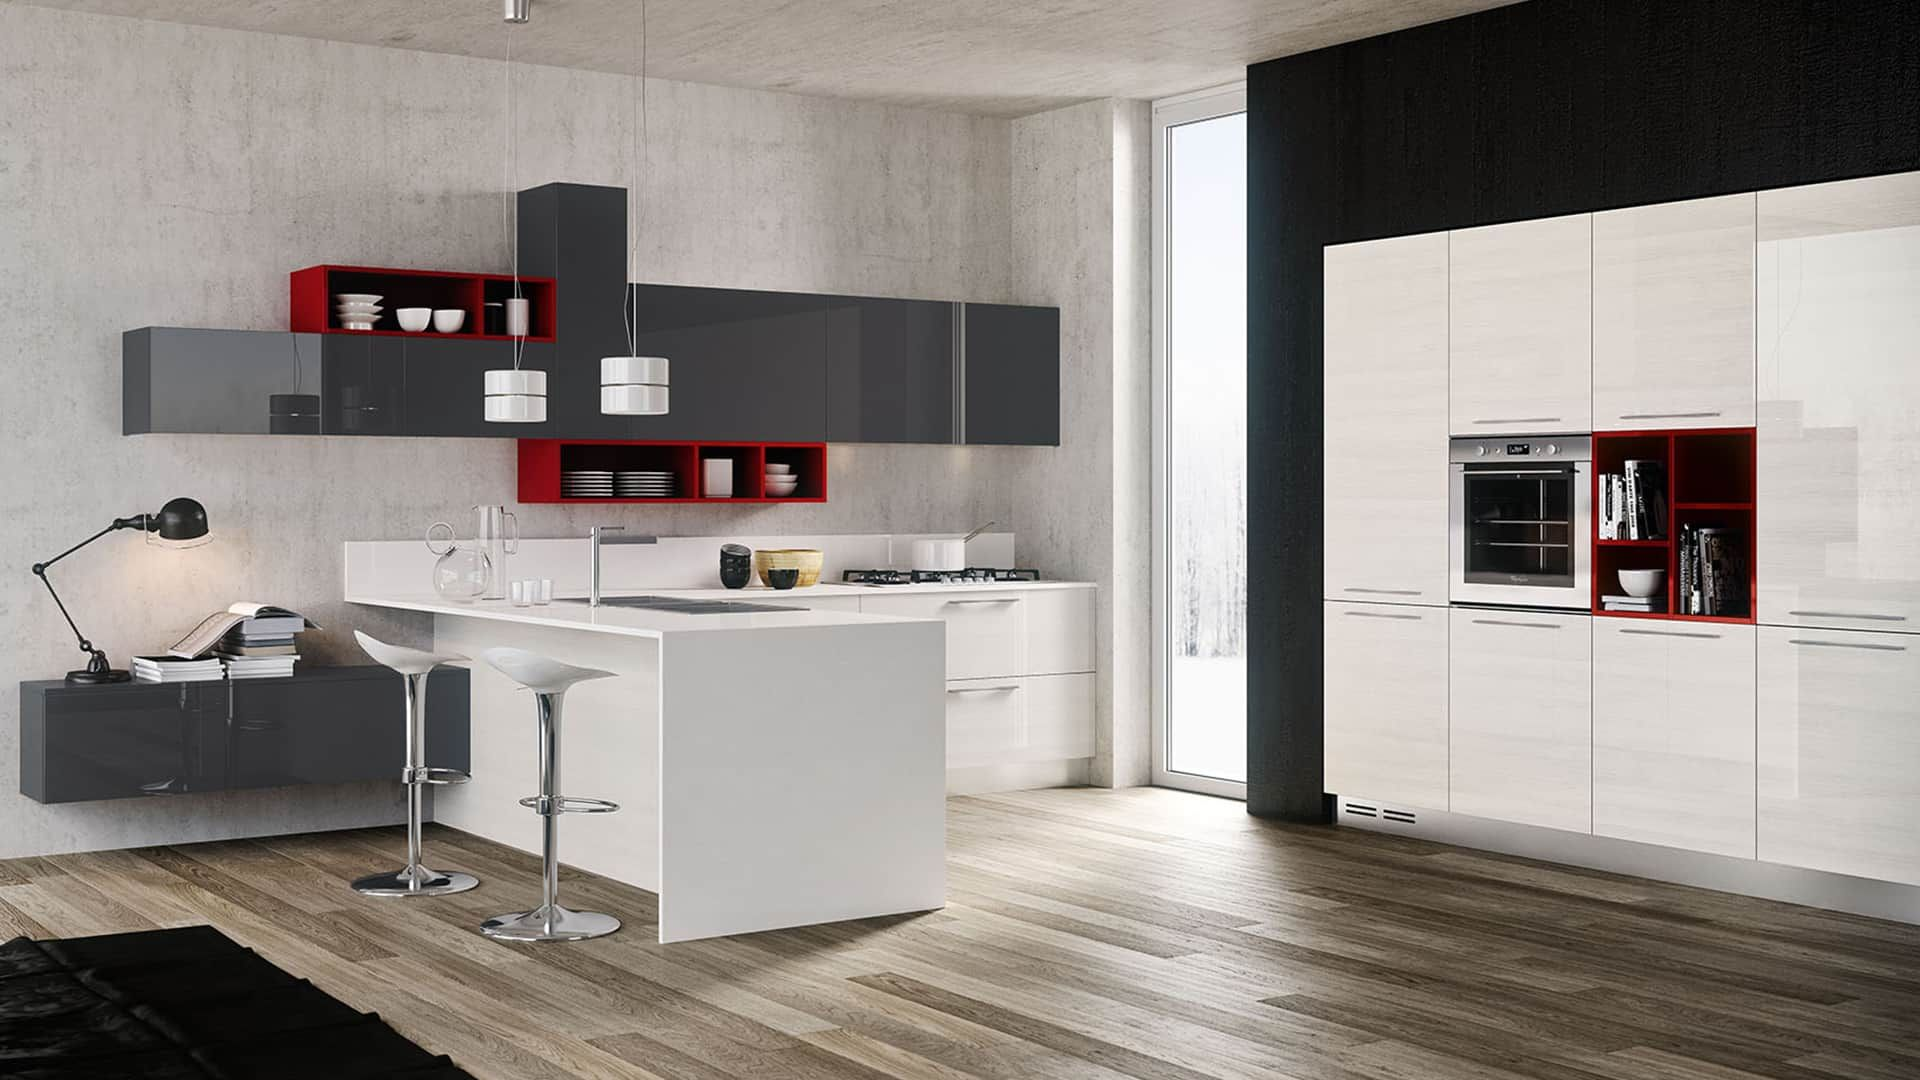 Berloni küchen ~ Cucine moderne ad angolo a padova. trova la tua cucina angolare